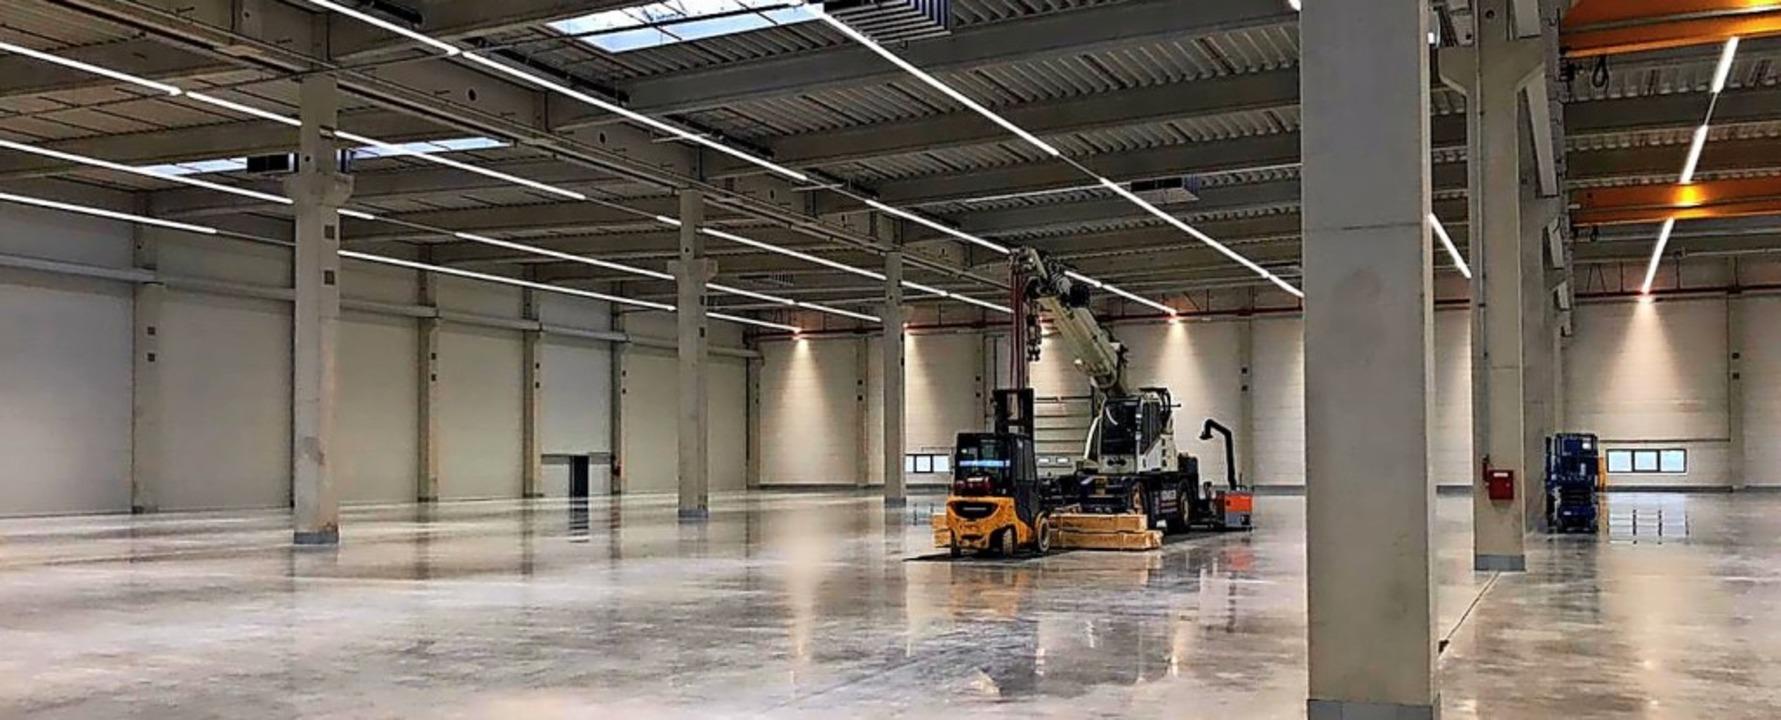 Eine riesige neue Fabrik hat die SLG K...Monaten soll dort der Betrieb starten.  | Foto: Dieter Stockkamp